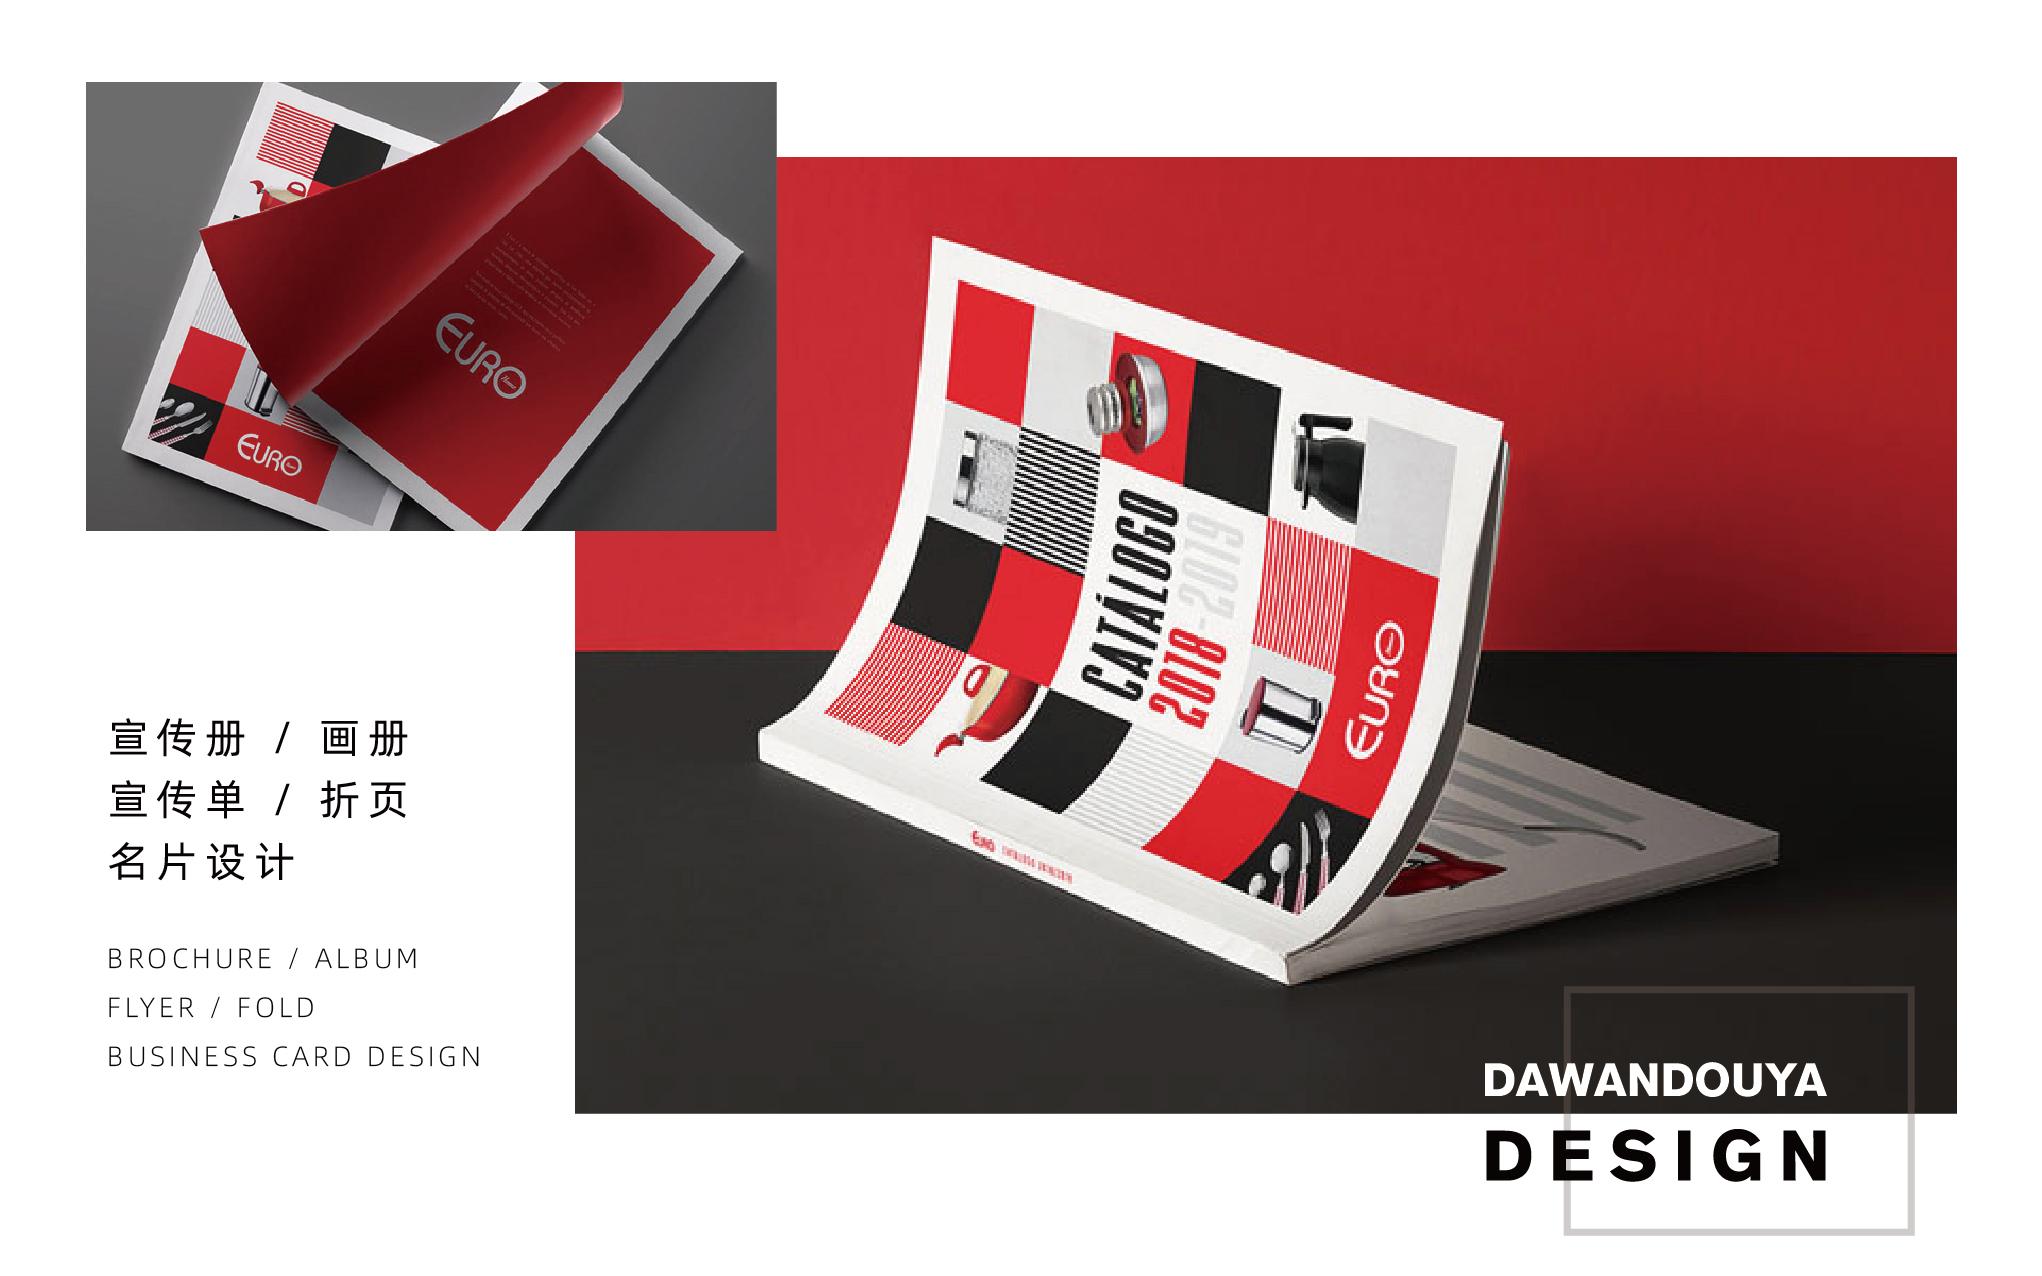 宣传册/画册/折页/宣传单/名片设计